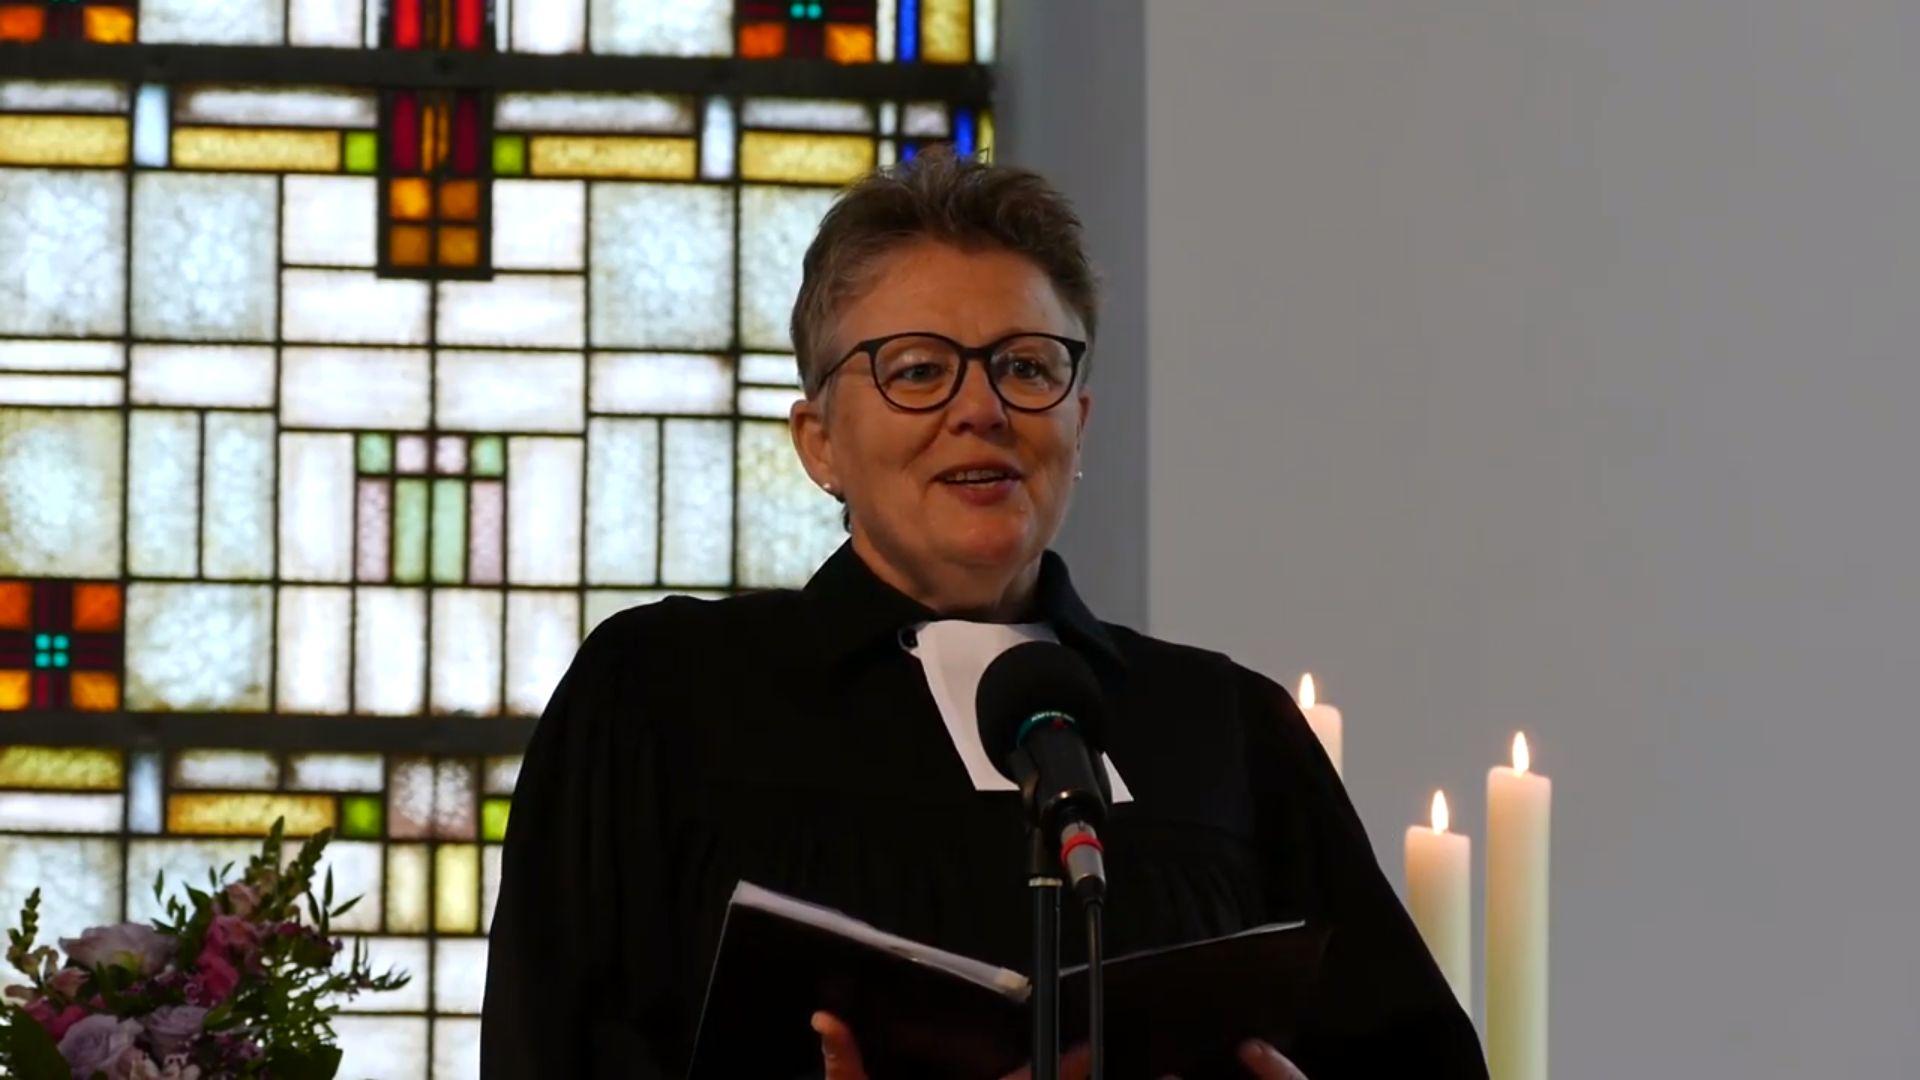 Unser Sonntag: 07.06.2020 – Ein Gruß zum Trinitatis-Sonntag